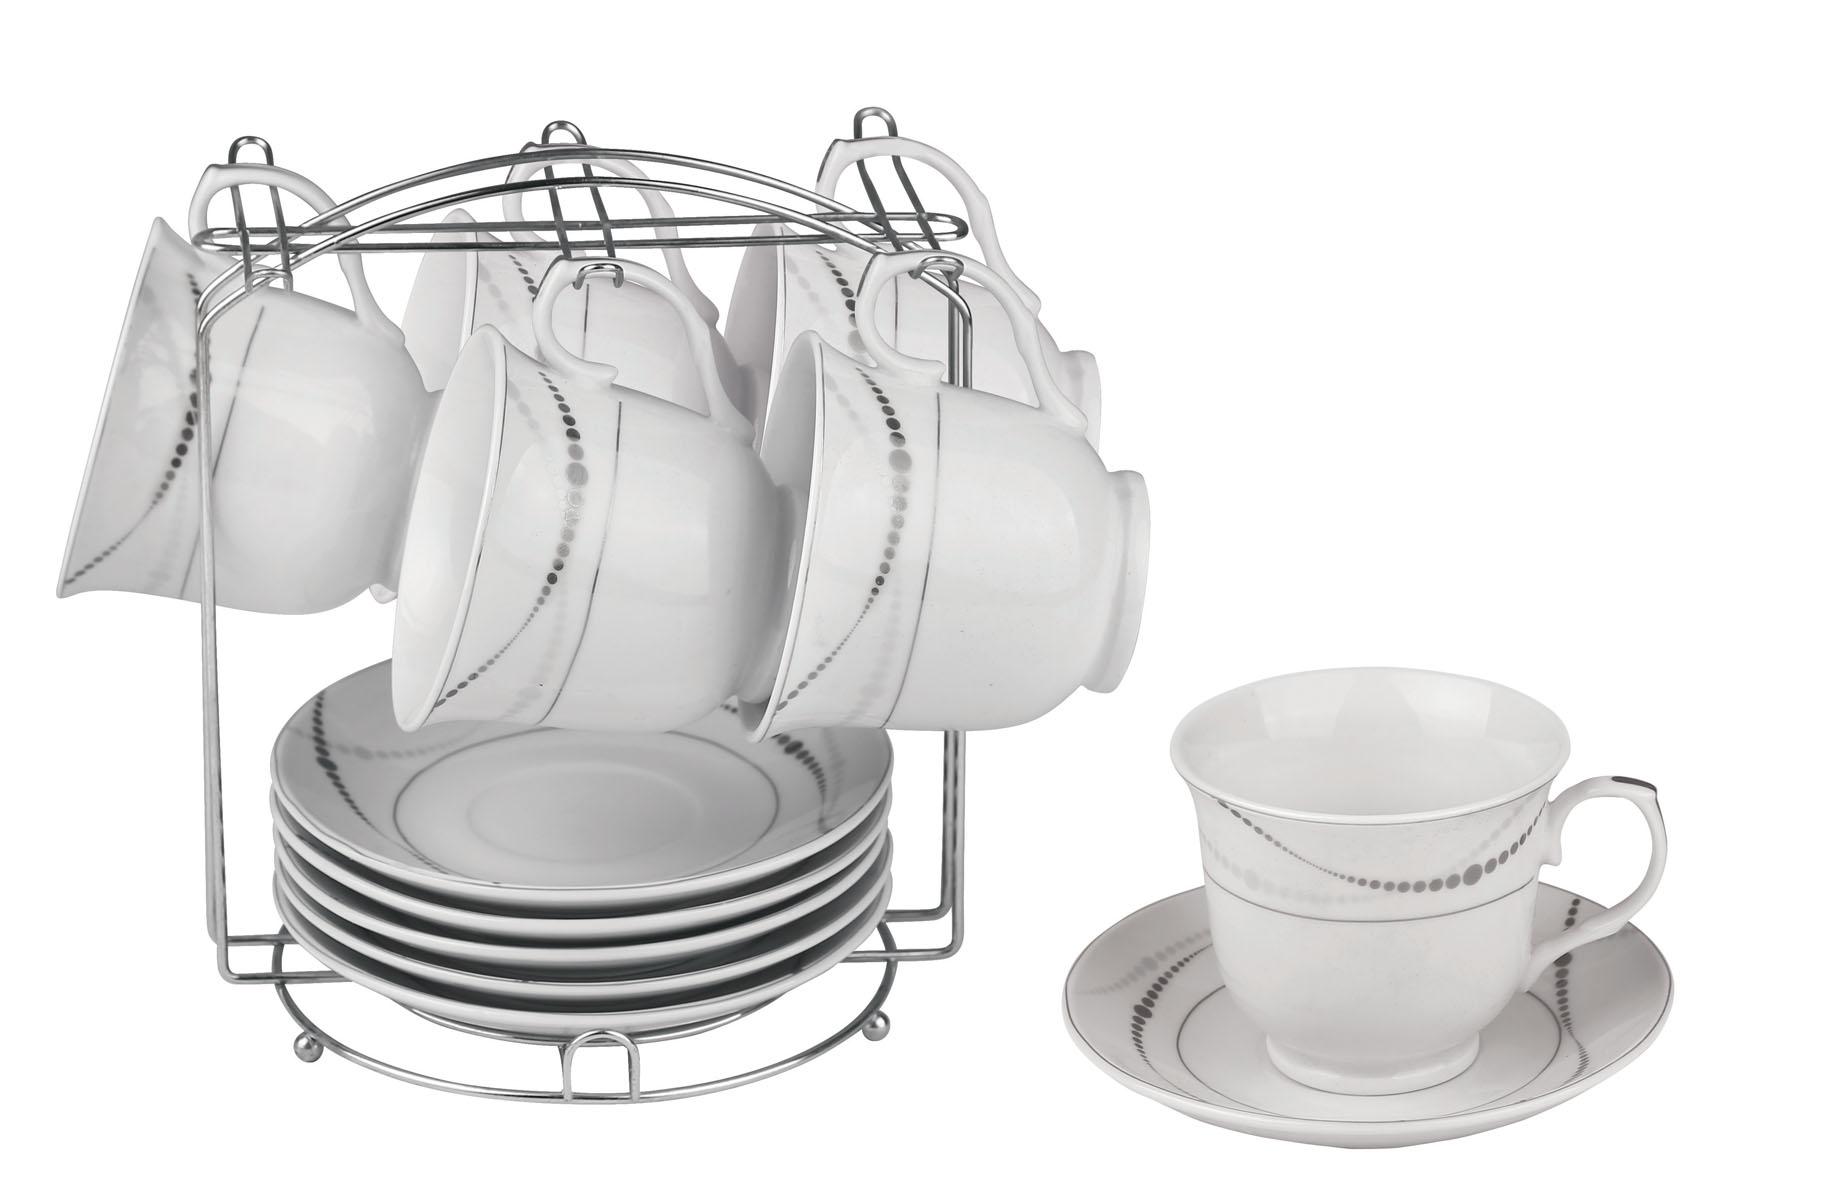 Набор чайный Bekker, 13 предметов. BK-6805BK-6805Чайный набор Bekker состоит из 6 чашек, 6 блюдец и металлической подставки. Изделия выполнены из высококачественного фарфора белого цвета, украшенного изящными узорами серебристой эмалью. Для предметов набора предусмотрена специальная металлическая подставка с крючками для чашек и подставкой для блюдец.Изящный чайный набор прекрасно оформит стол к чаепитию и станет замечательным подарком для любой хозяйки. Можно мыть в посудомоечной машине.Объем чашки: 220 мл.Диаметр чашки (по верхнему краю): 9 см.Высота чашки: 7,5 см.Диаметр блюдца: 14 см.